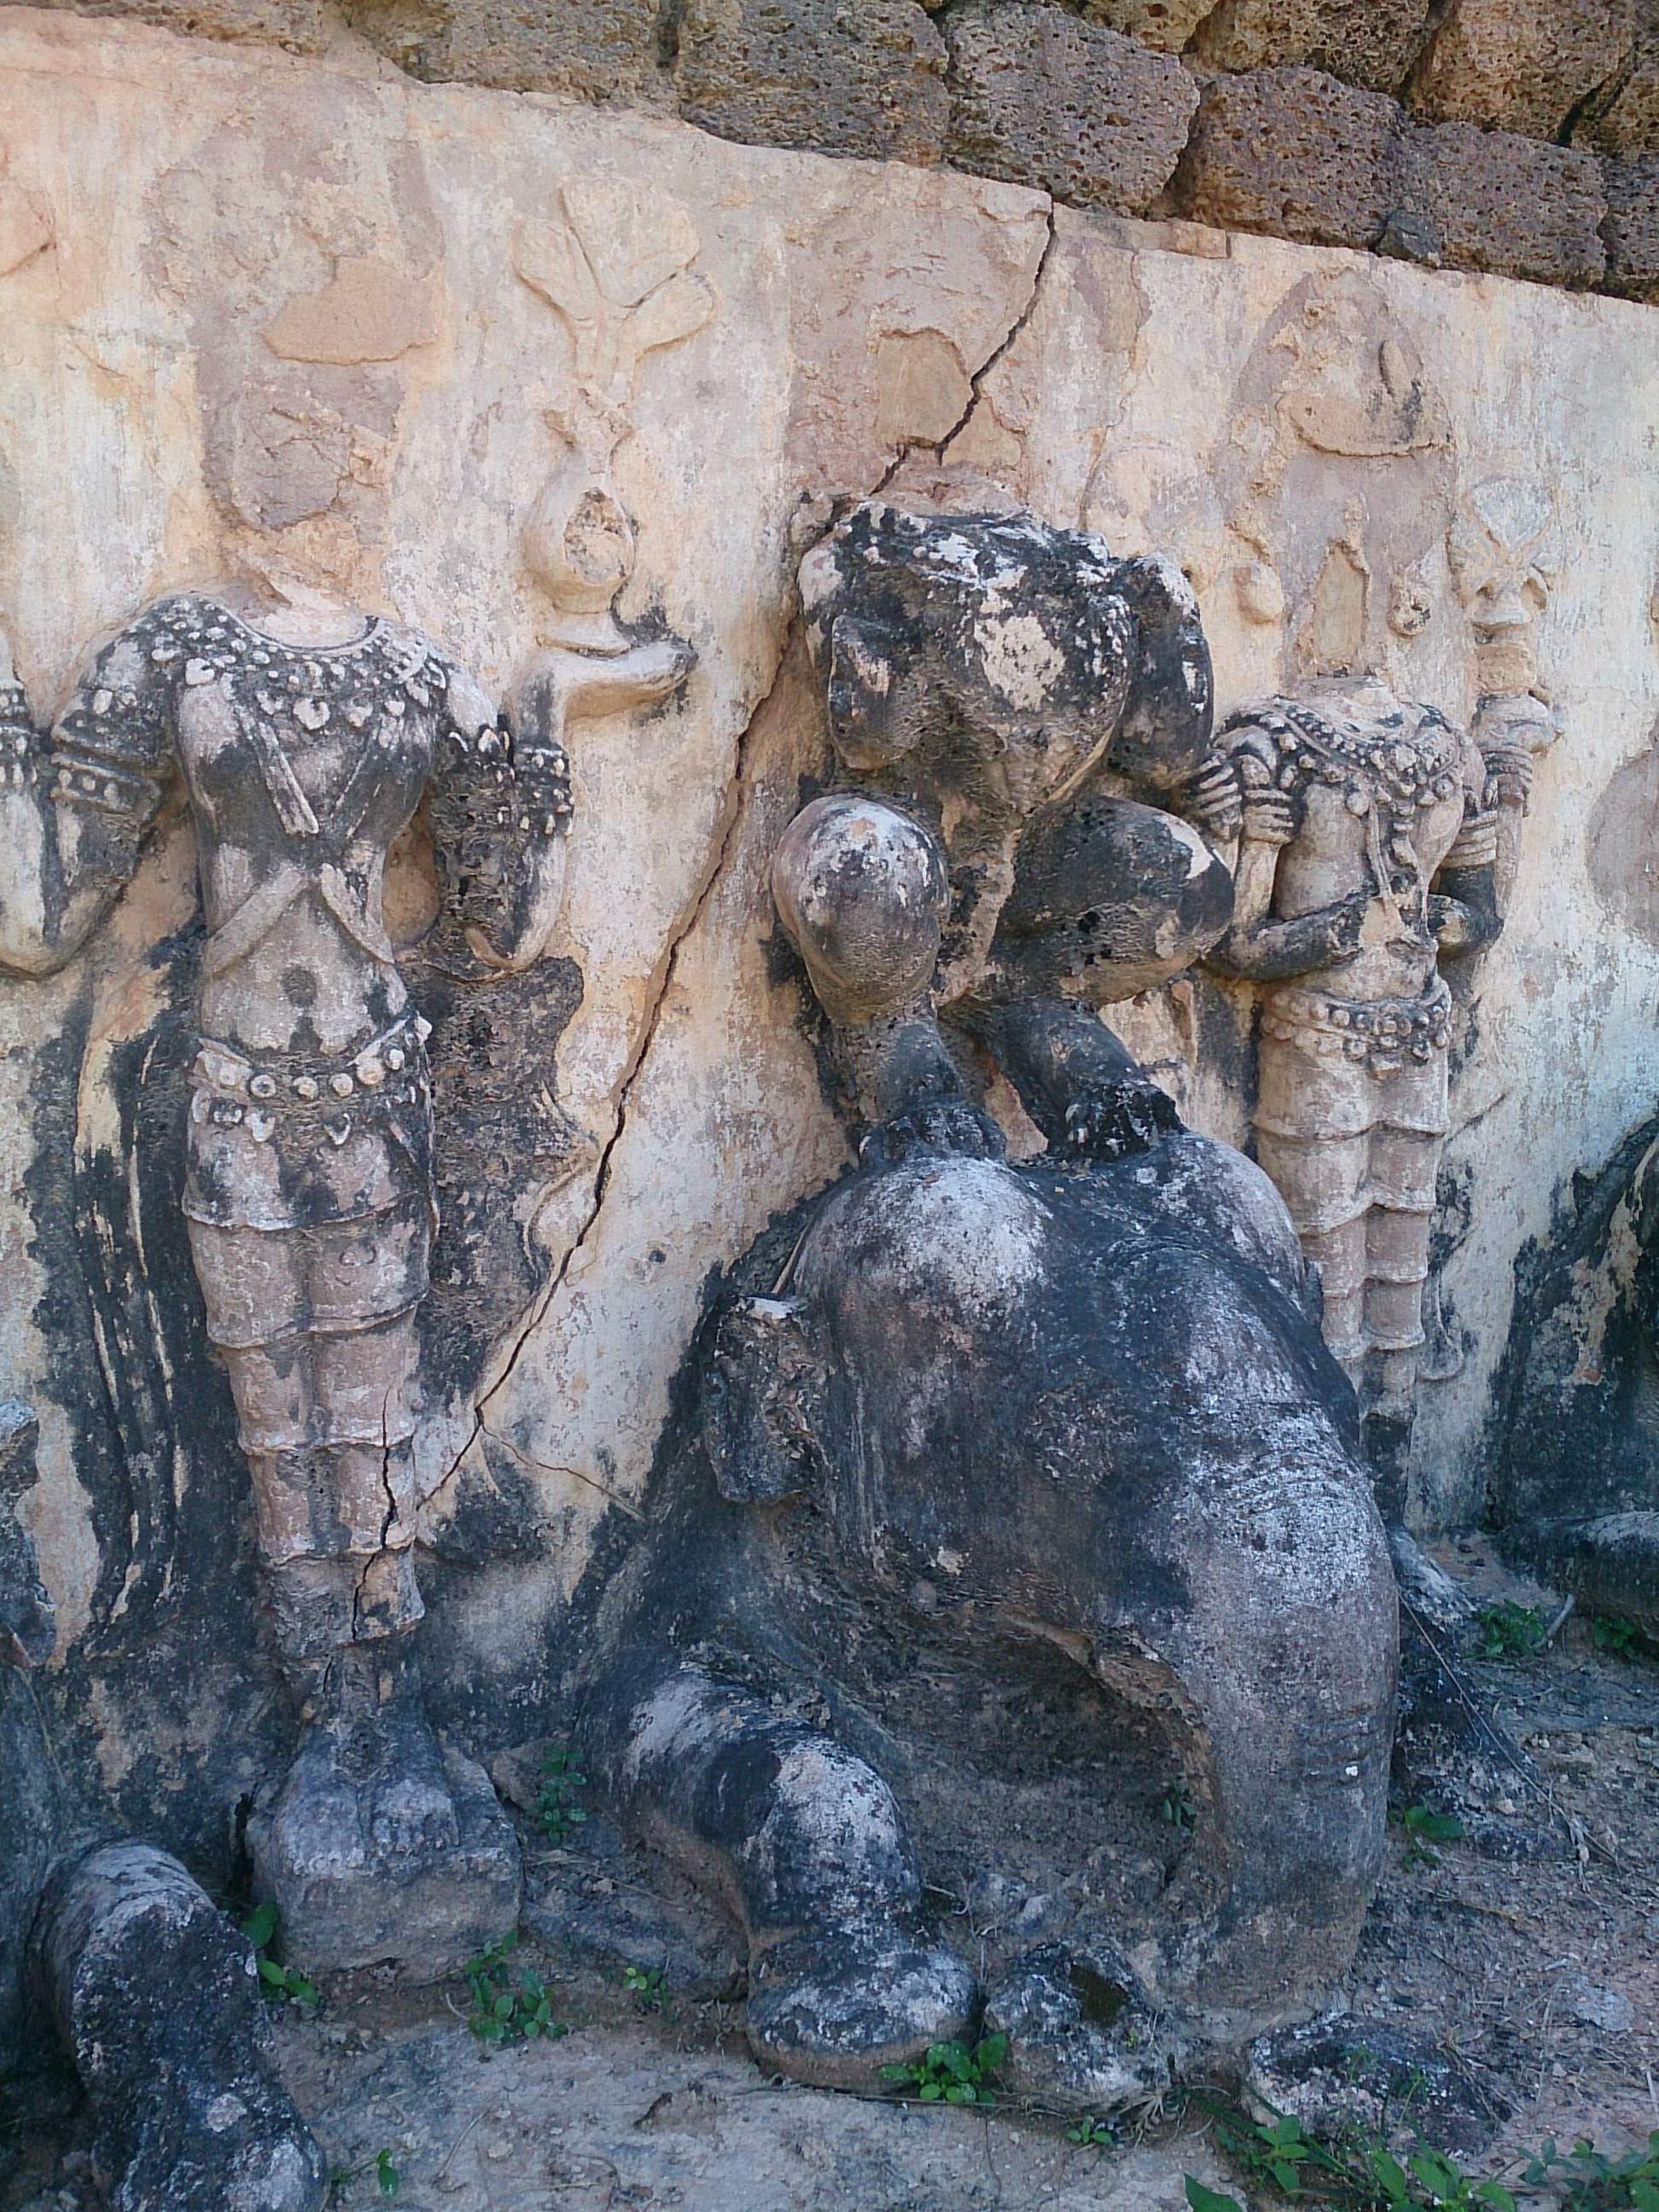 ワット・チェディ・シー・ホーンと謎多き城壁南部の寺院群